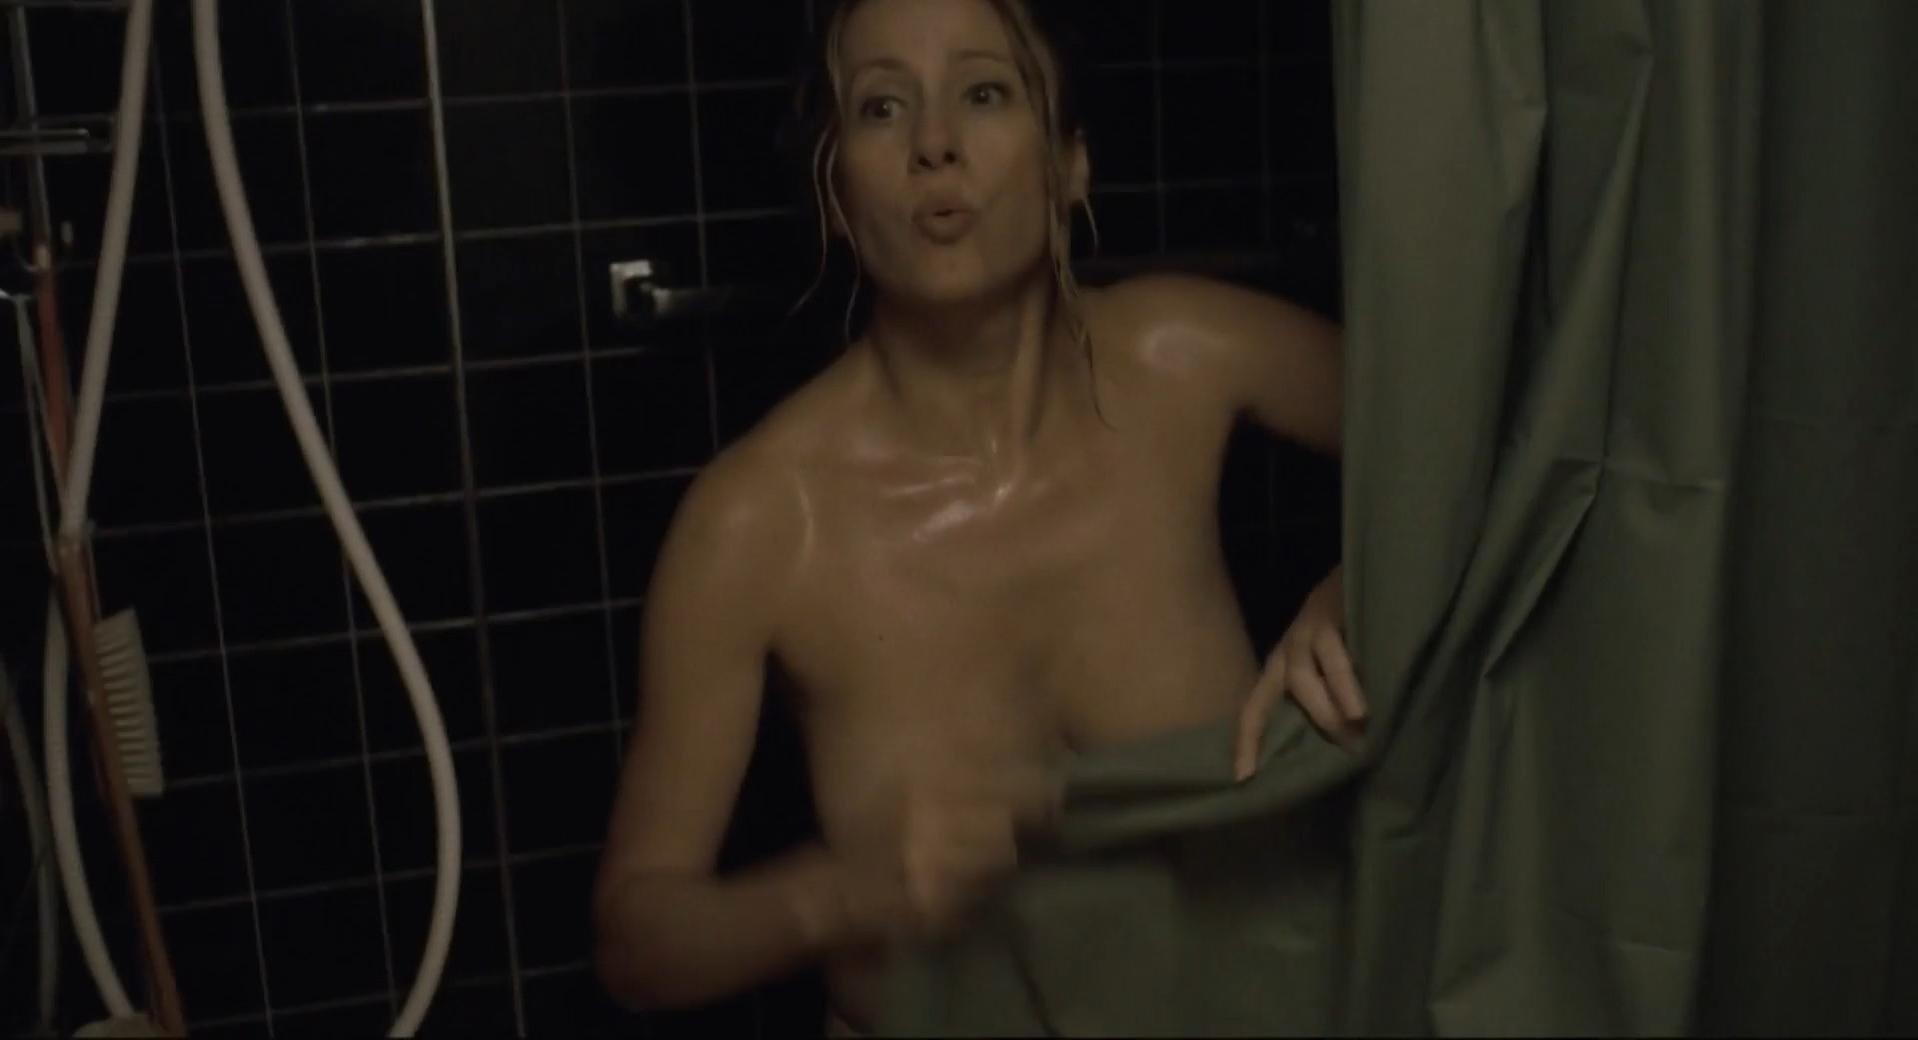 Paula Morgan nude - Closet Monster (2015)